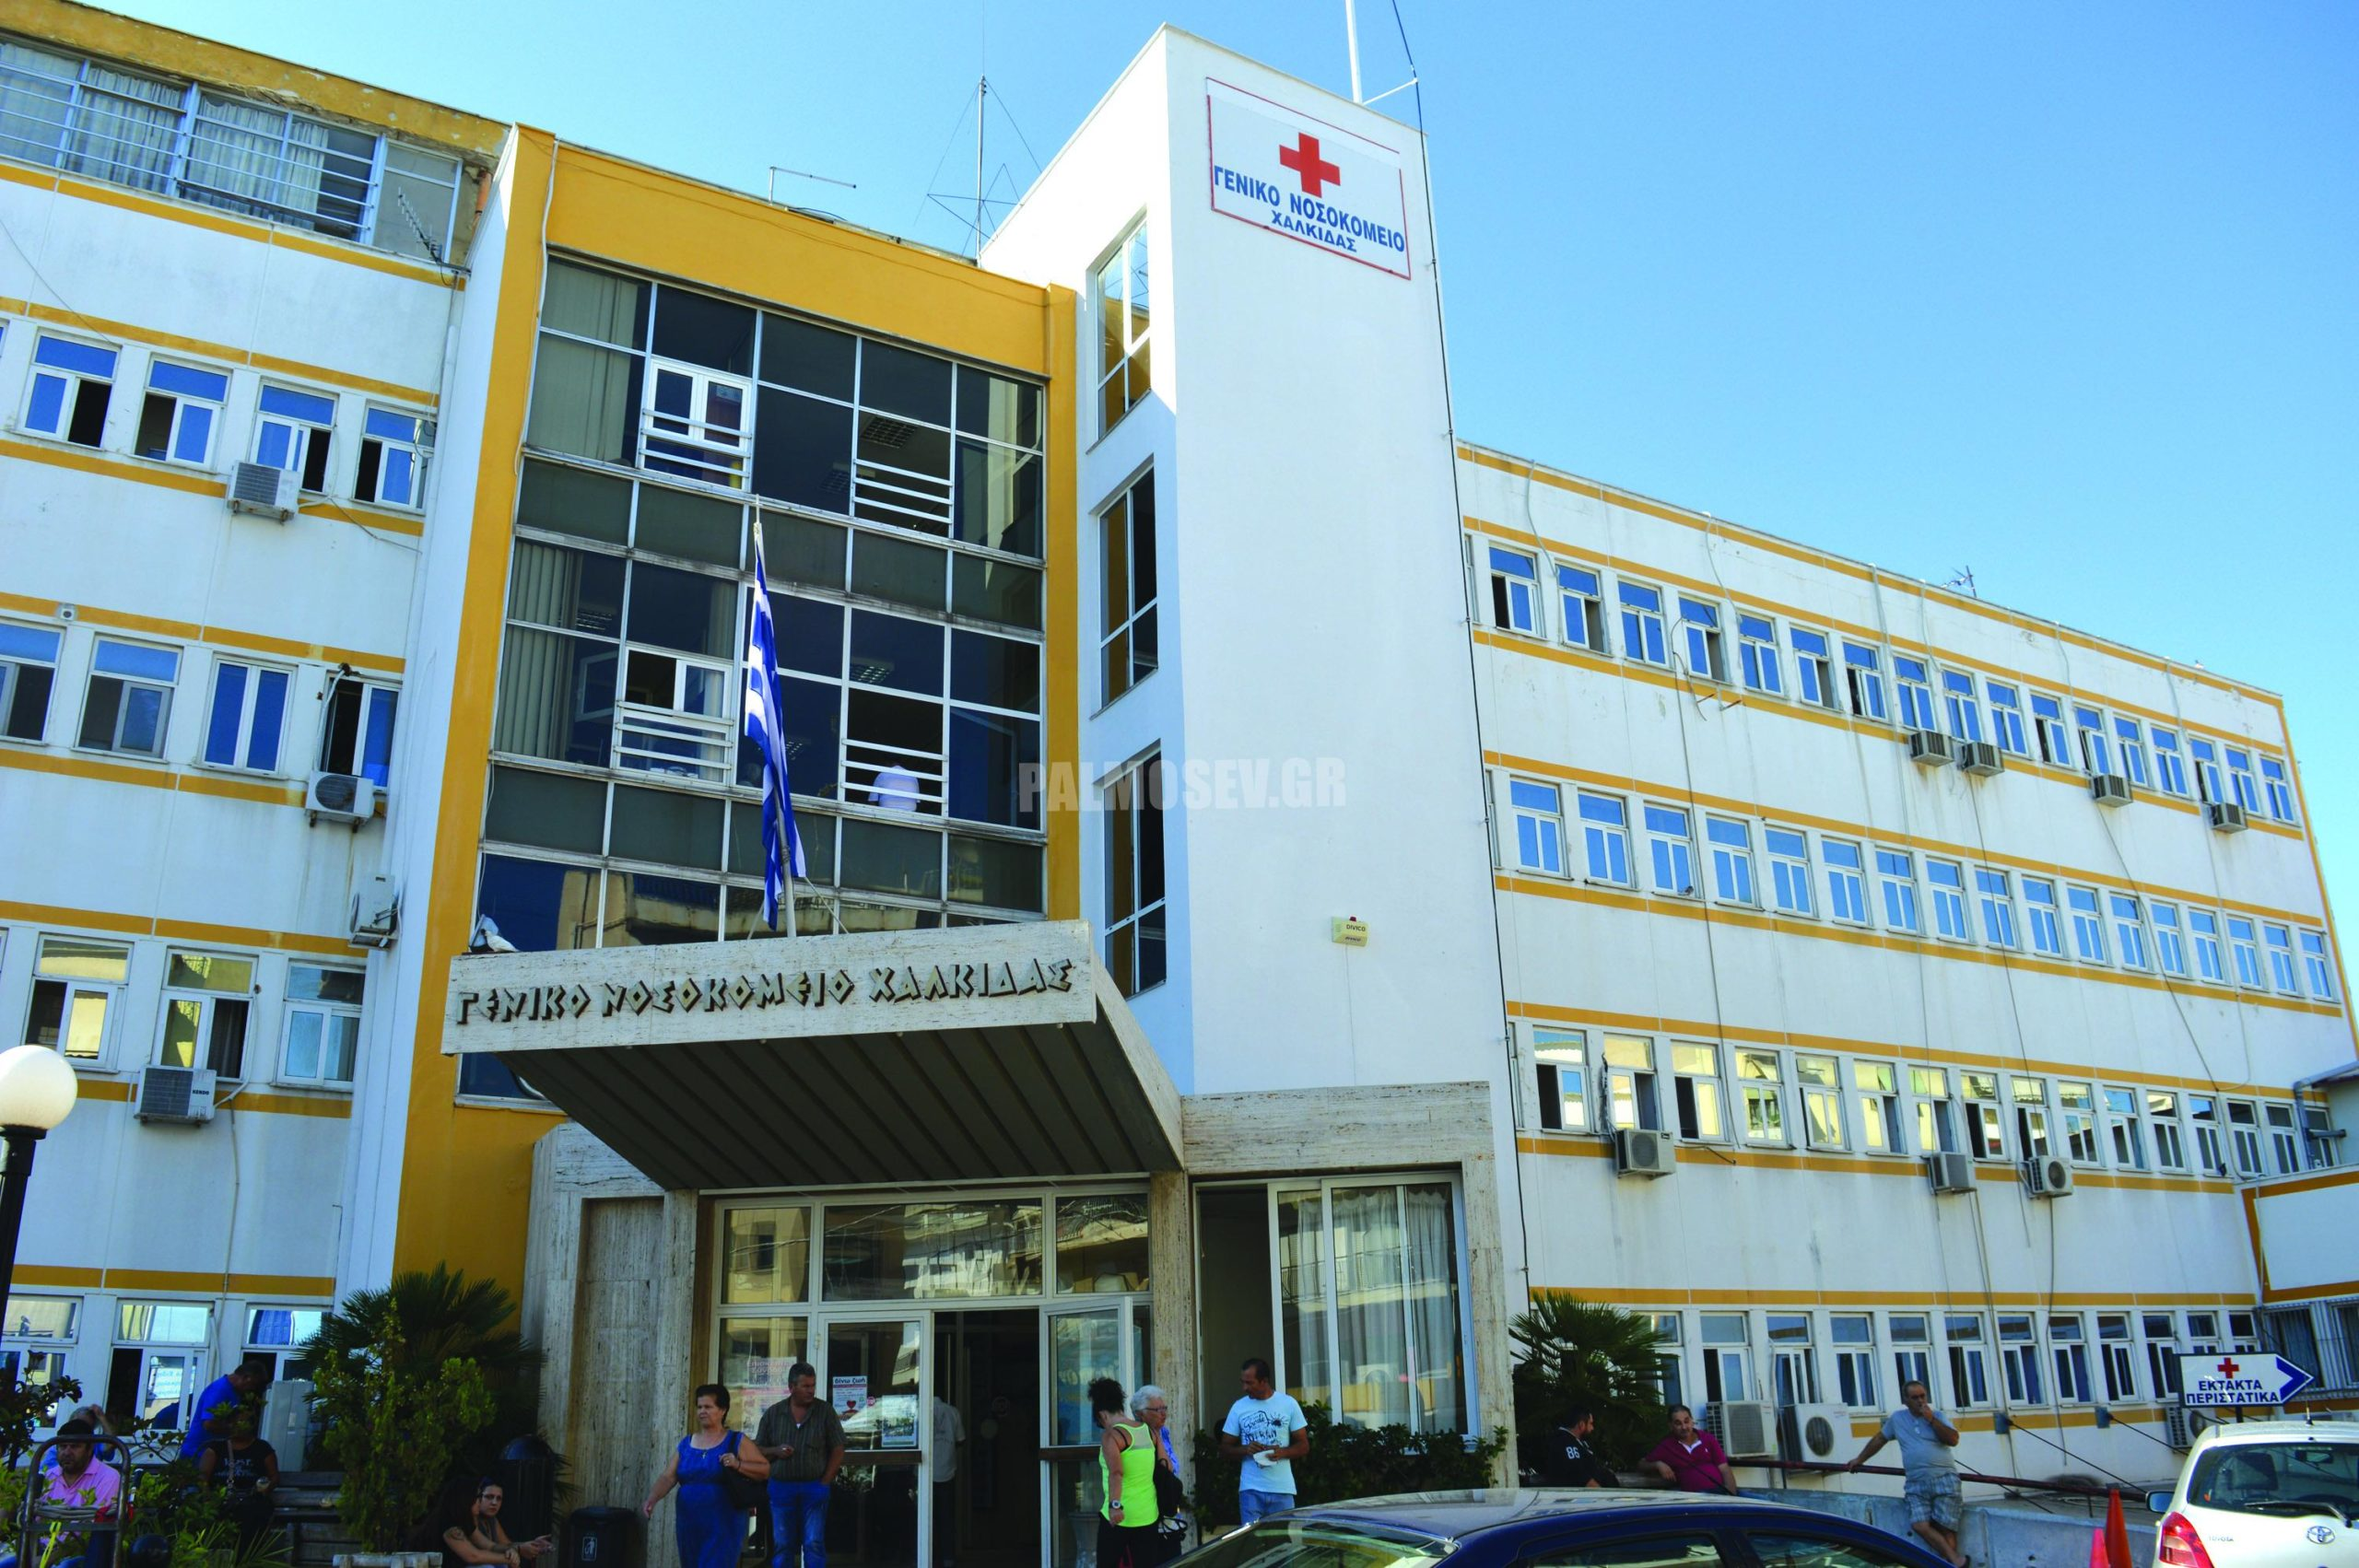 Παλαιό Νοσοκομείο Χαλκίδας